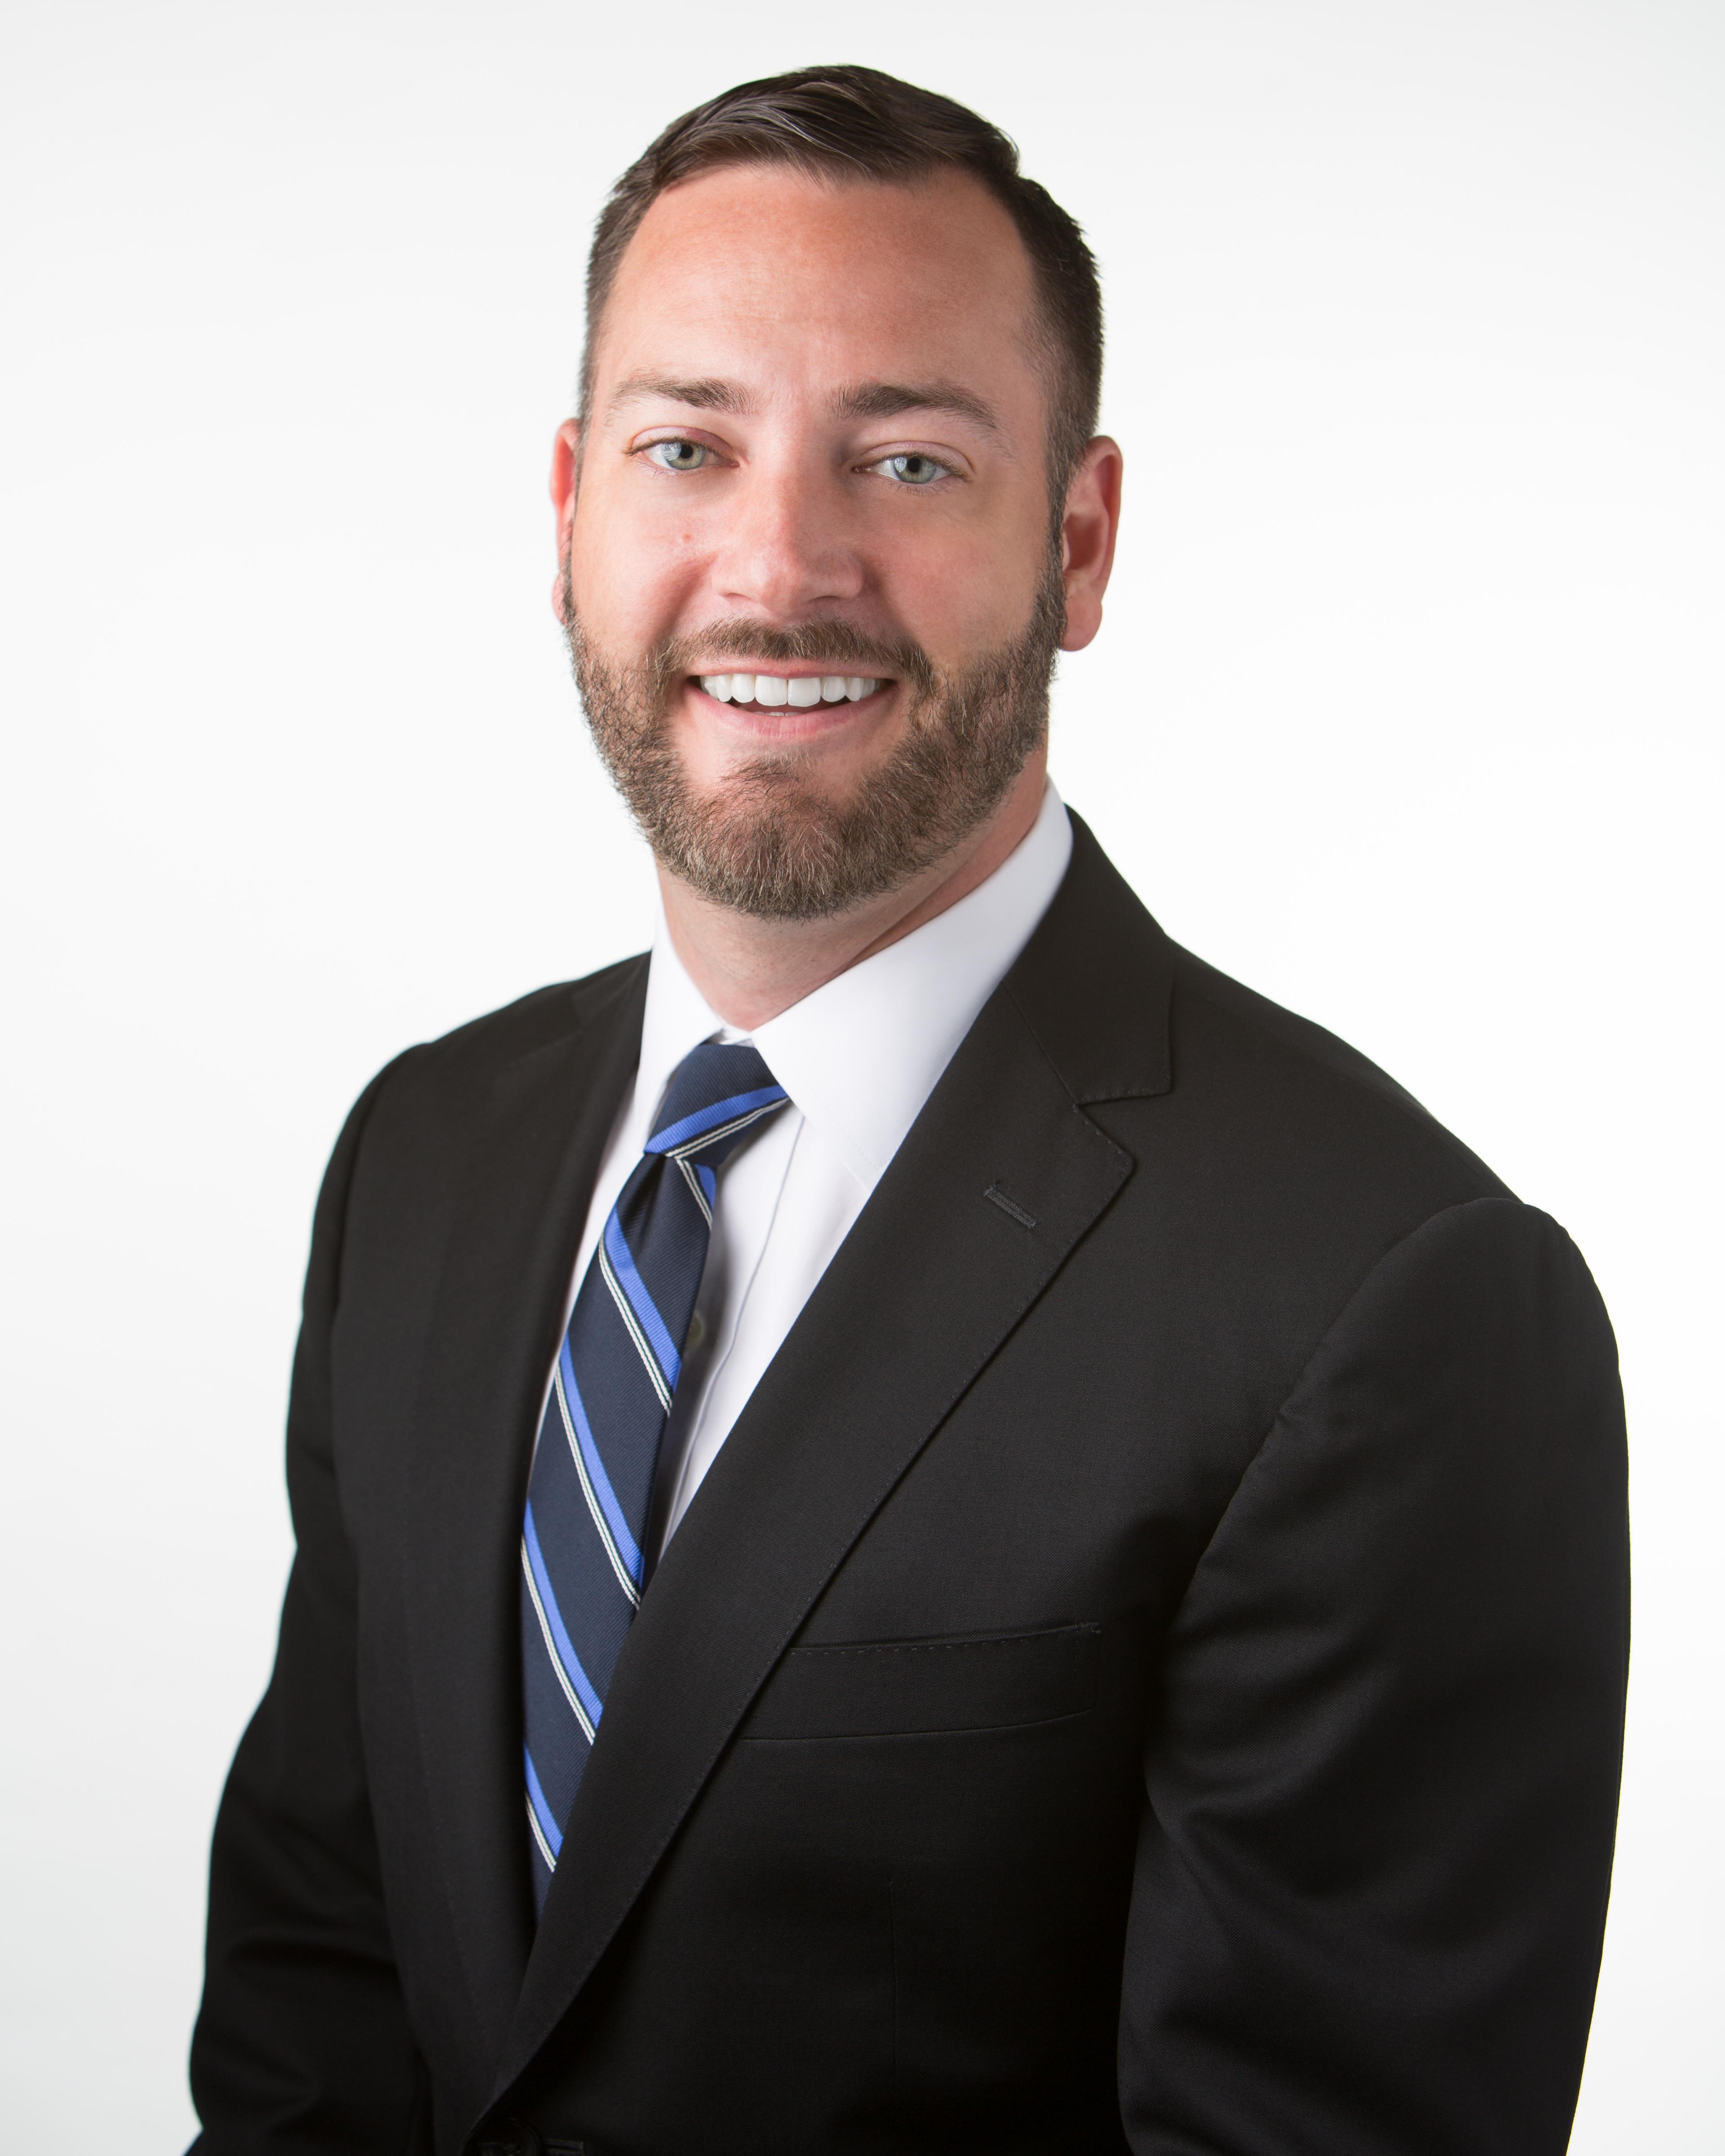 Shawn Breck